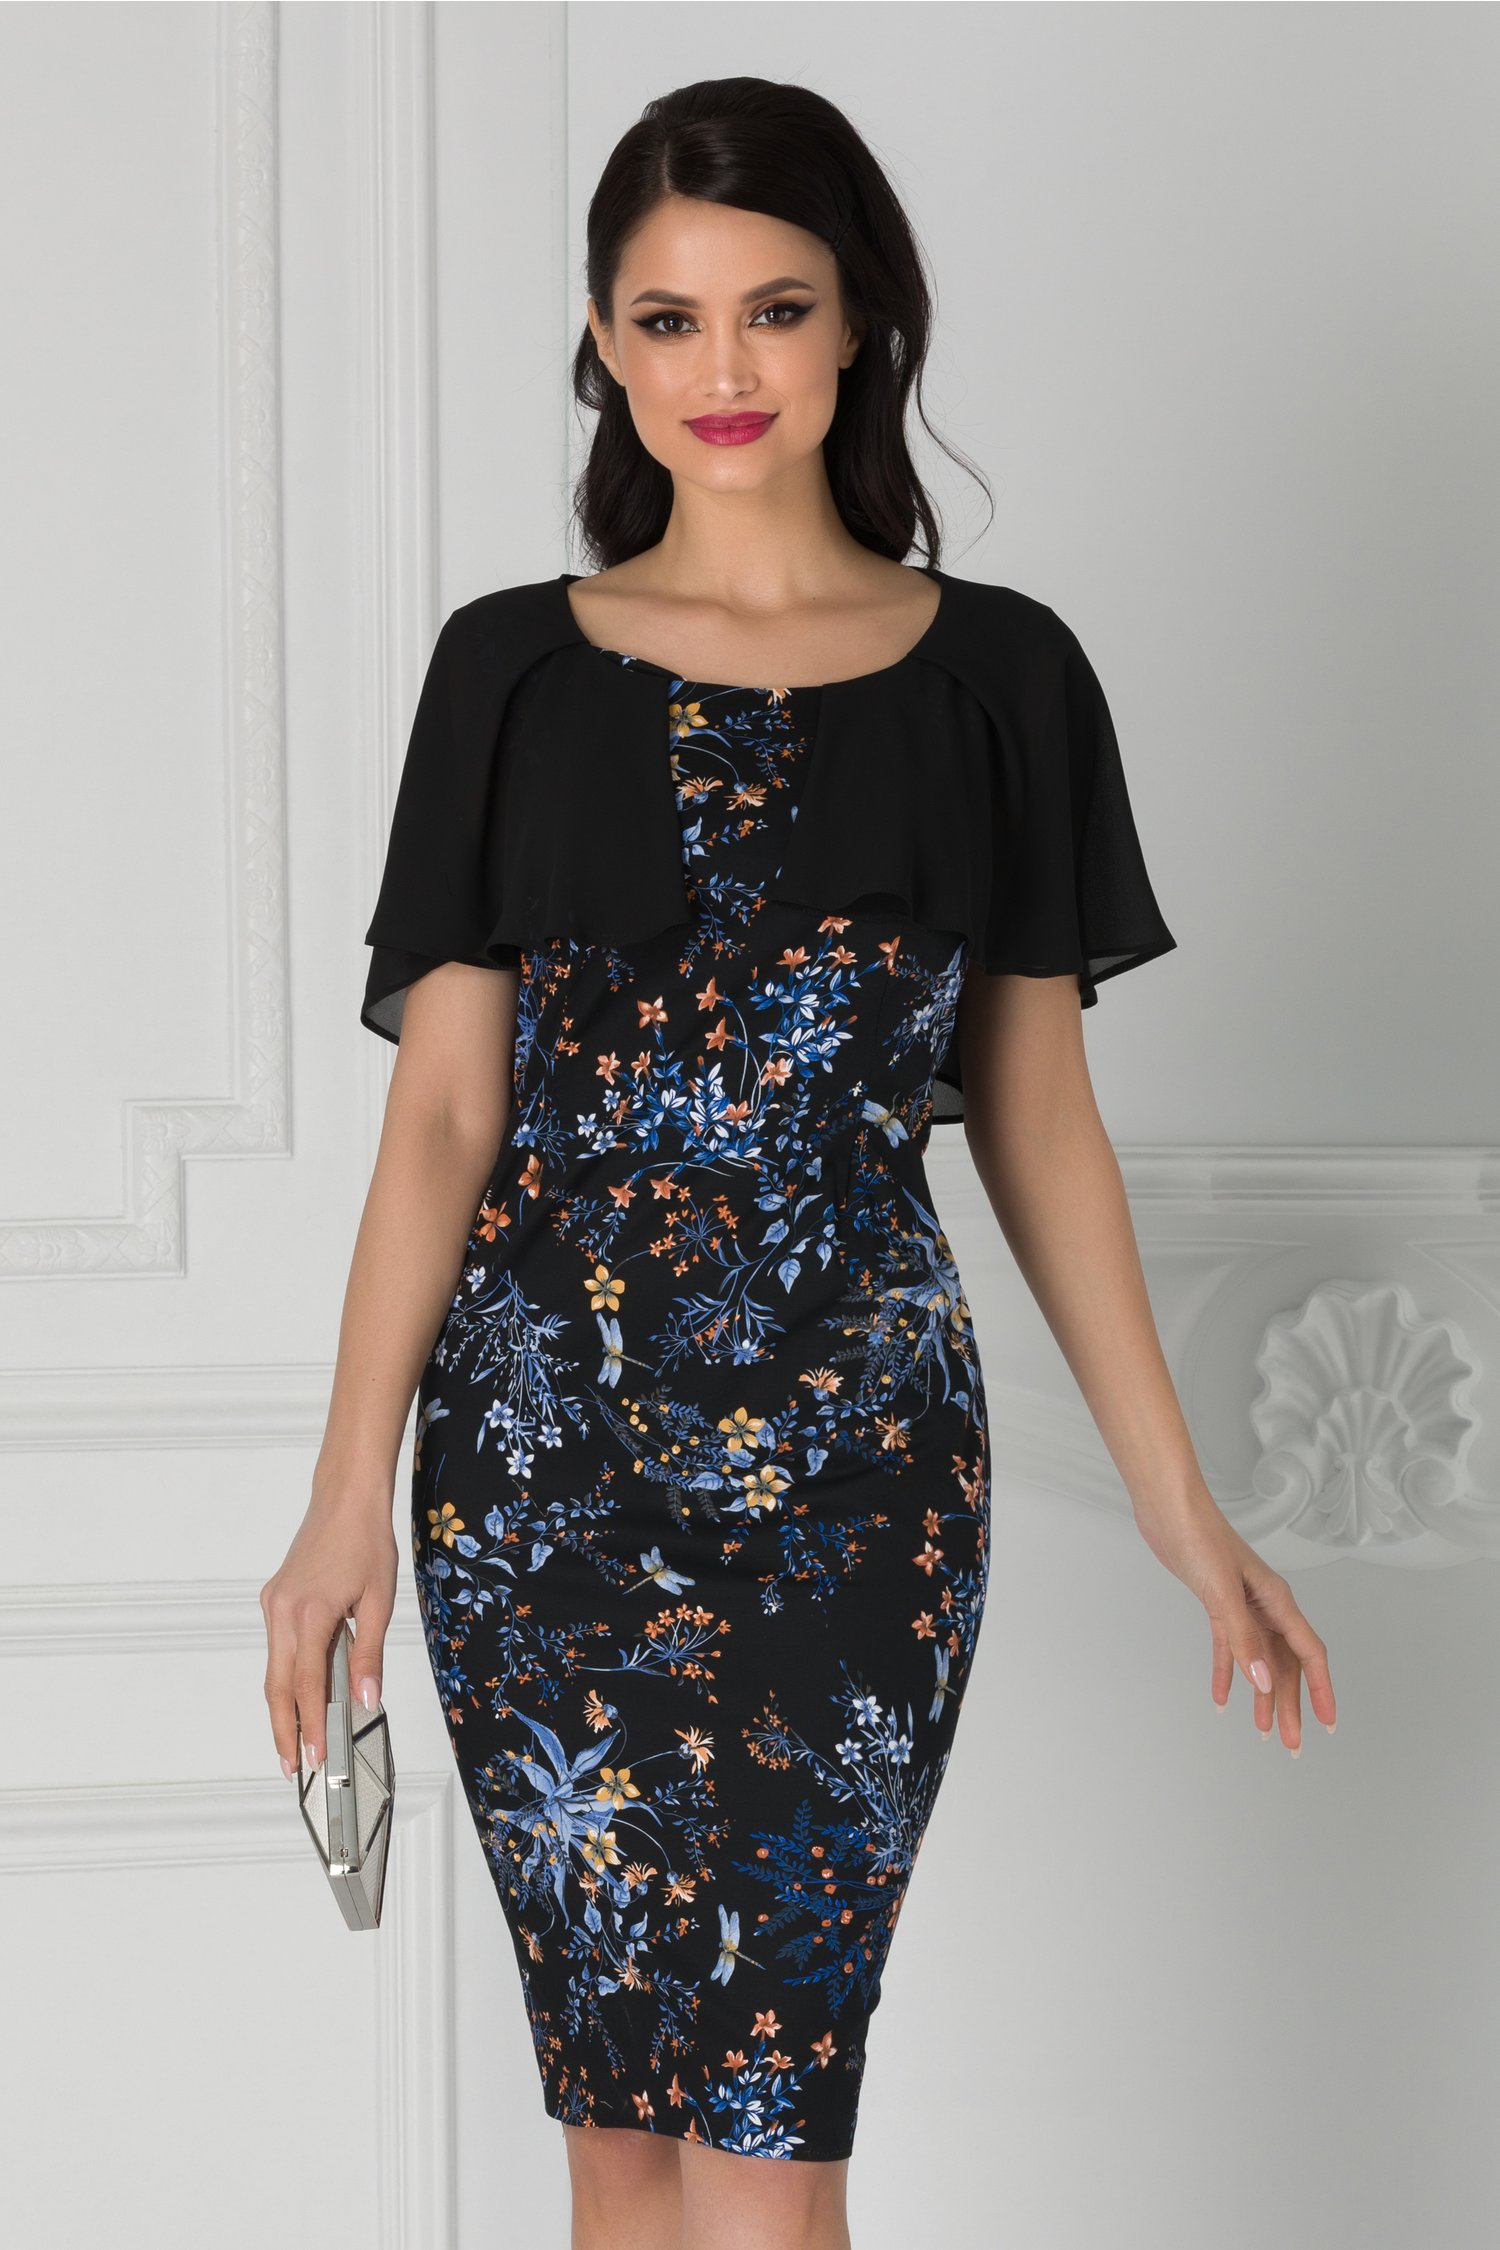 Rochie Roxy neagra cu imprimeu floral albastru